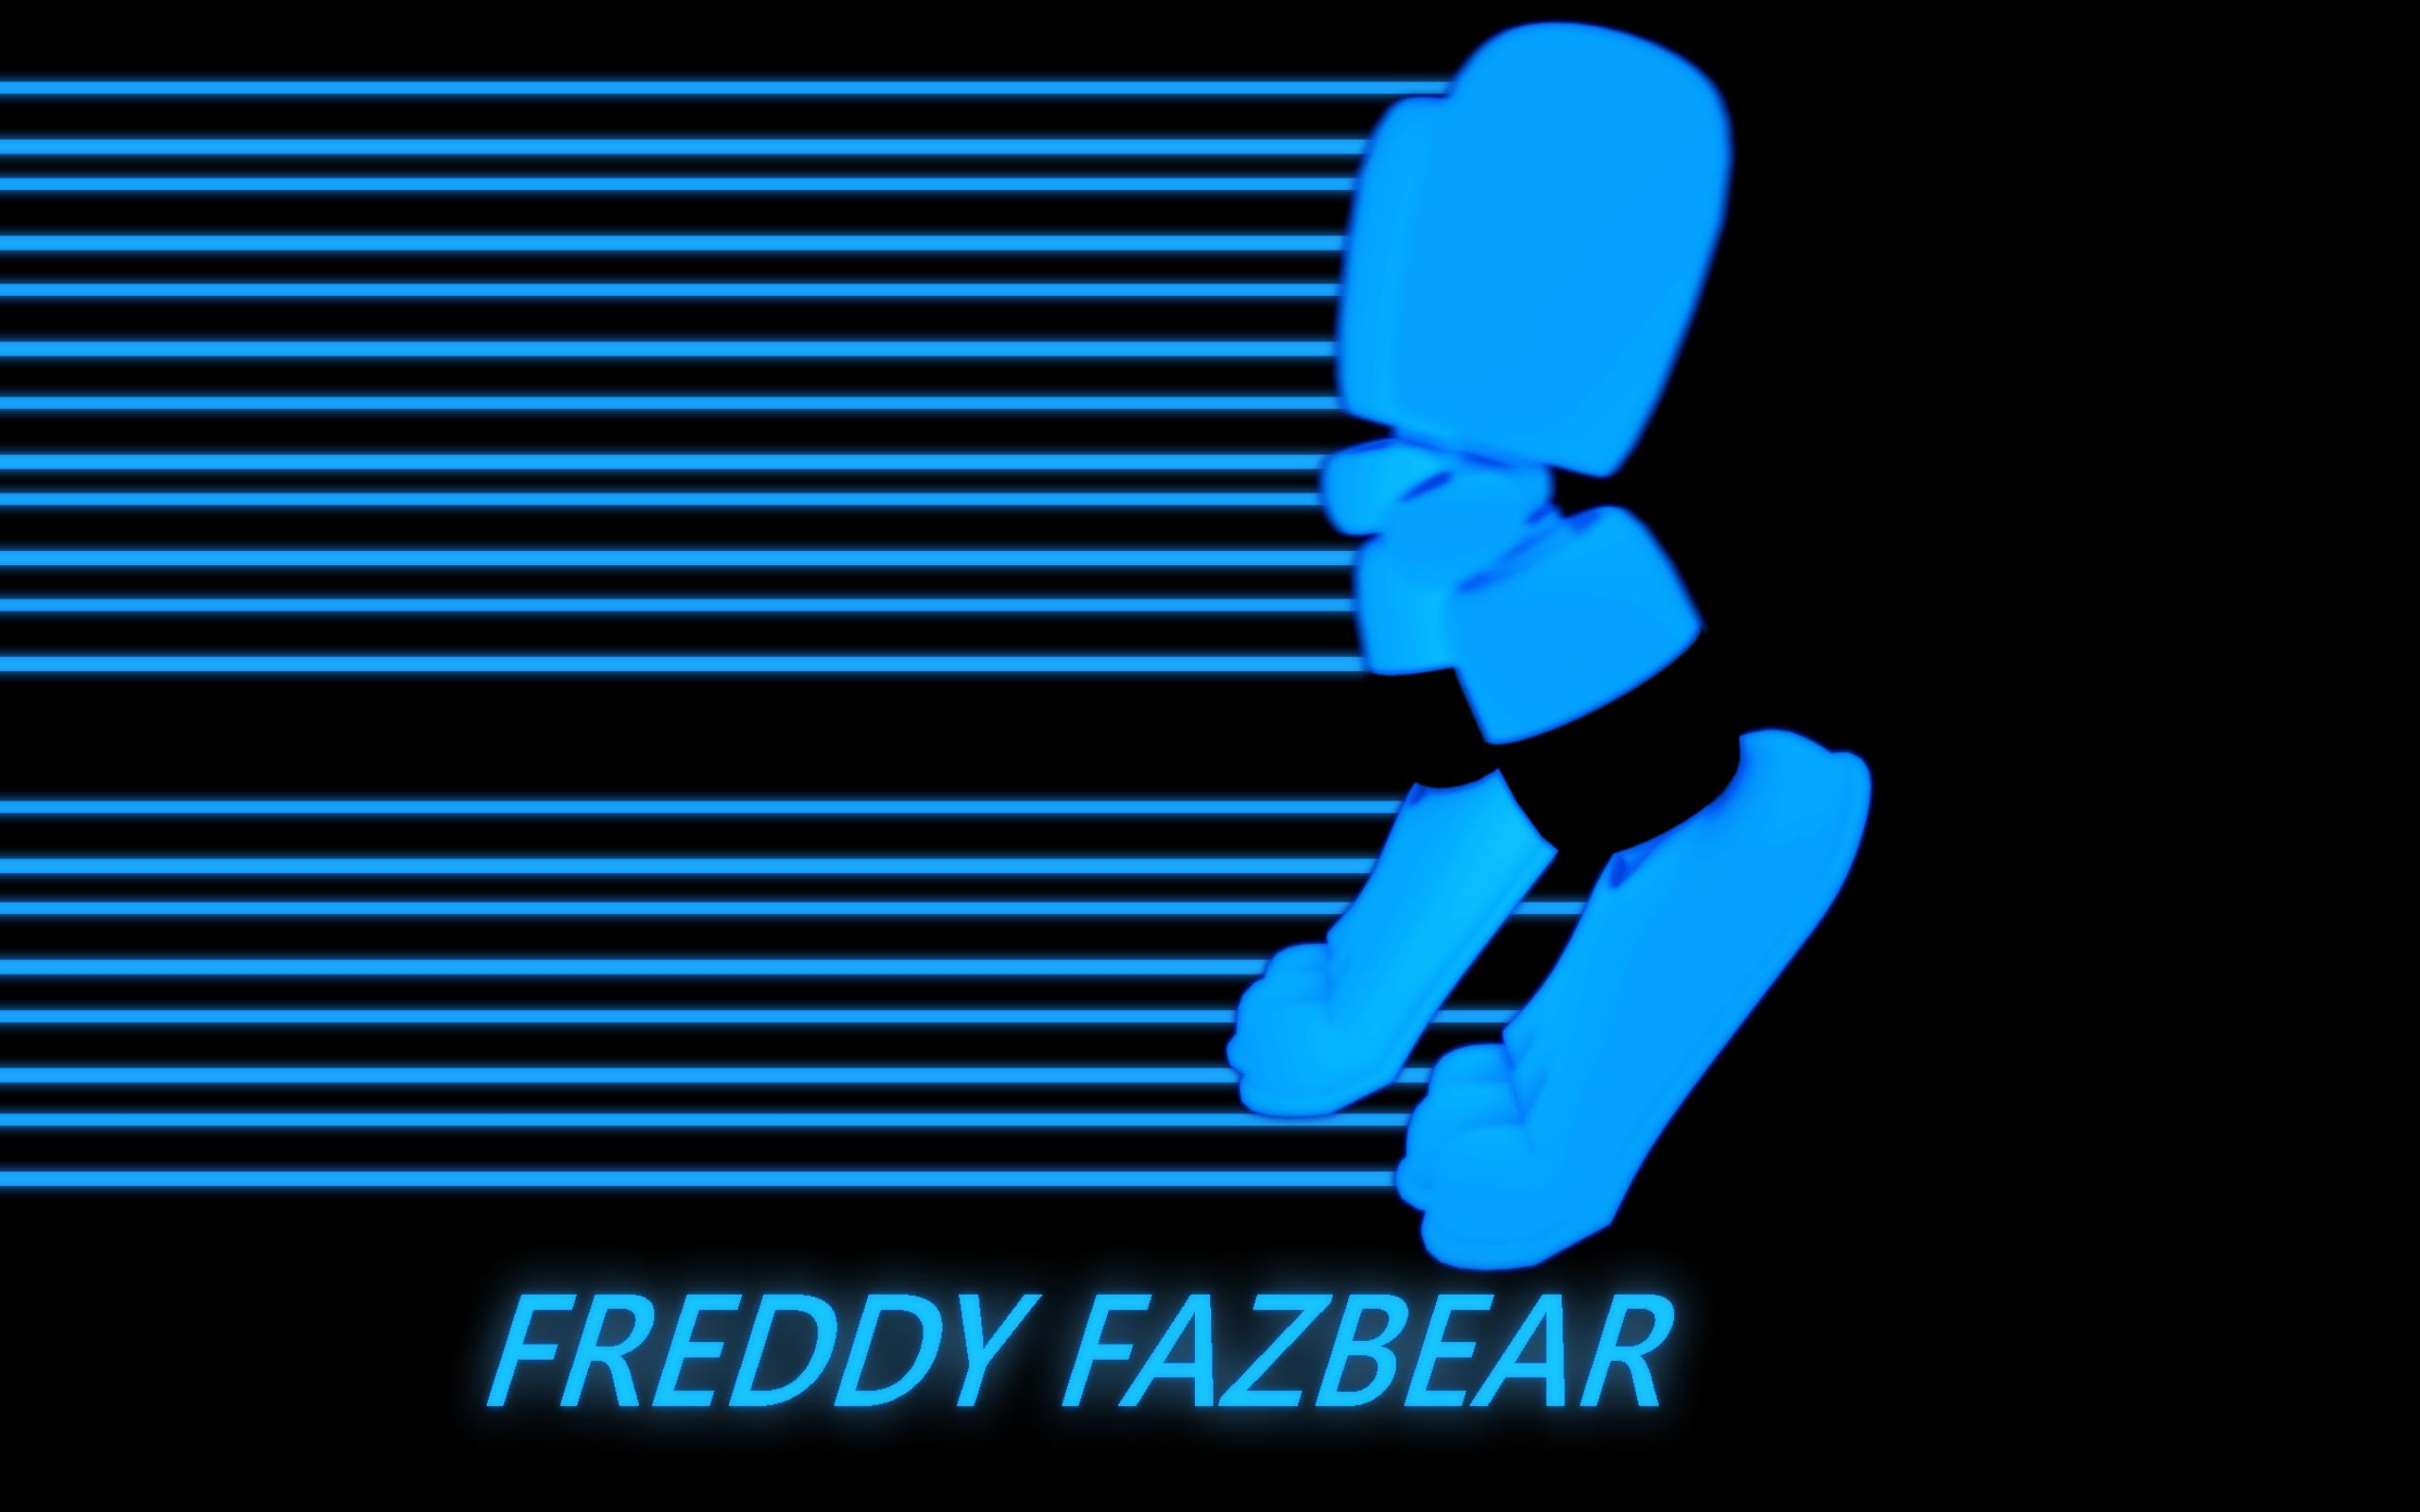 Freddy Fazbear Moonwalker Logo